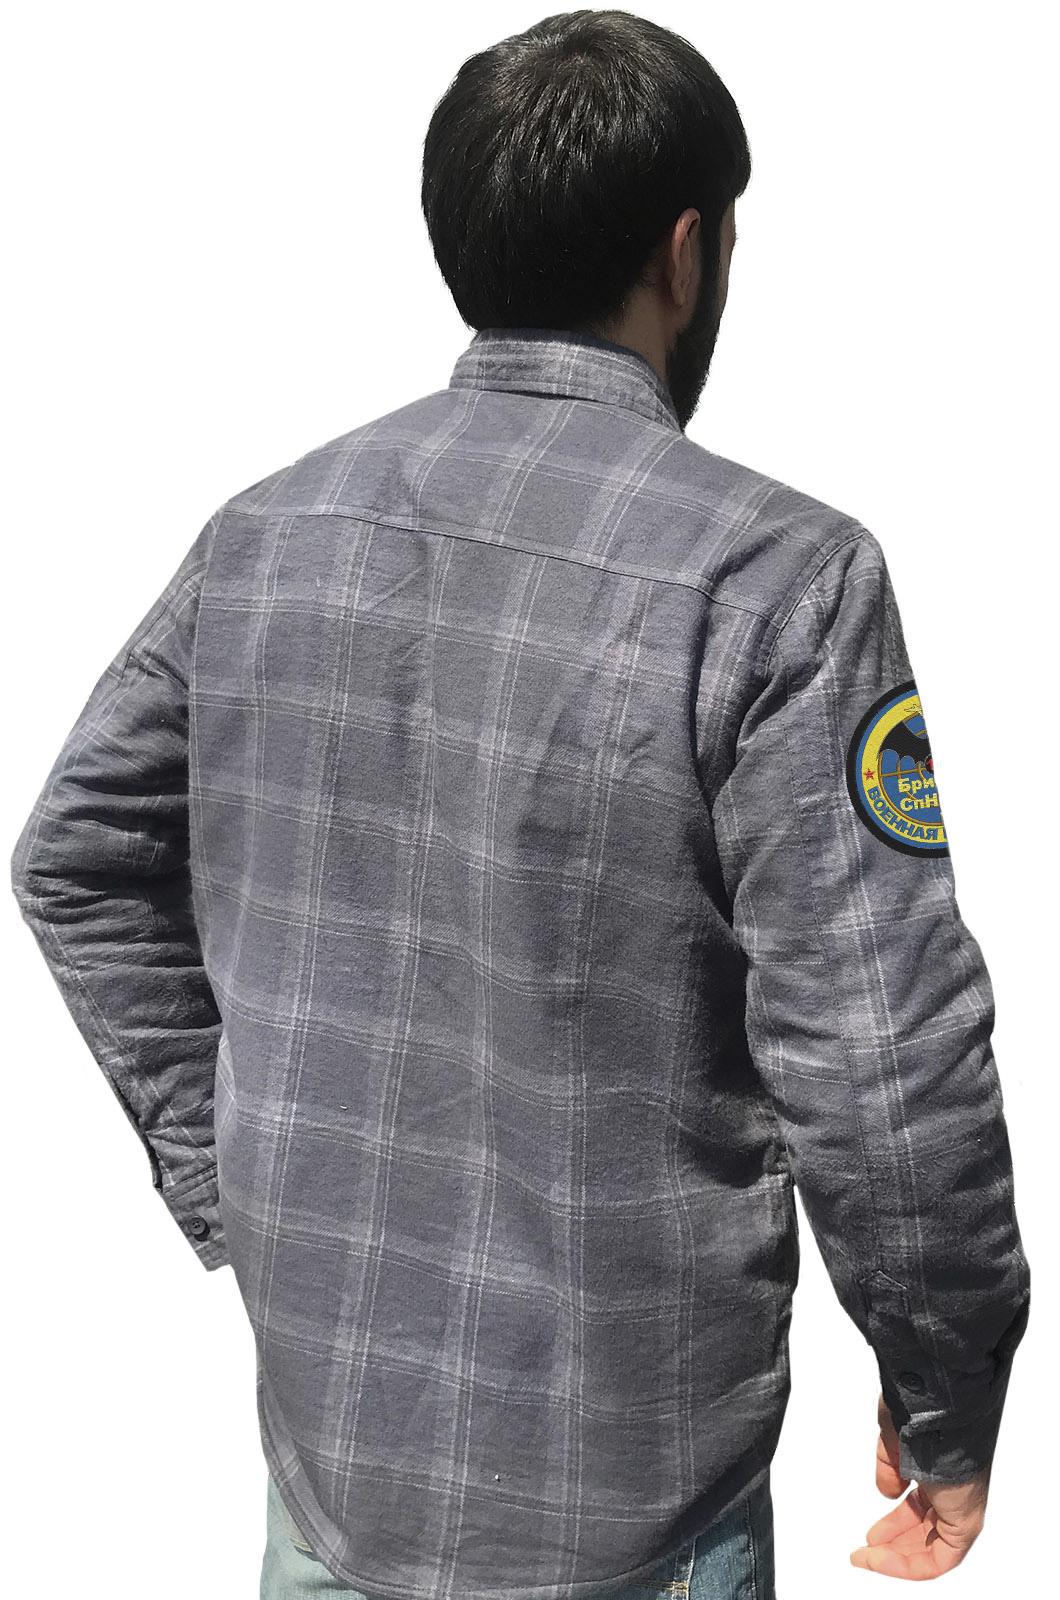 Клетчатая рубашка с эмблемой 5 ОБрСпН ГРУ заказать оптом и в розницу